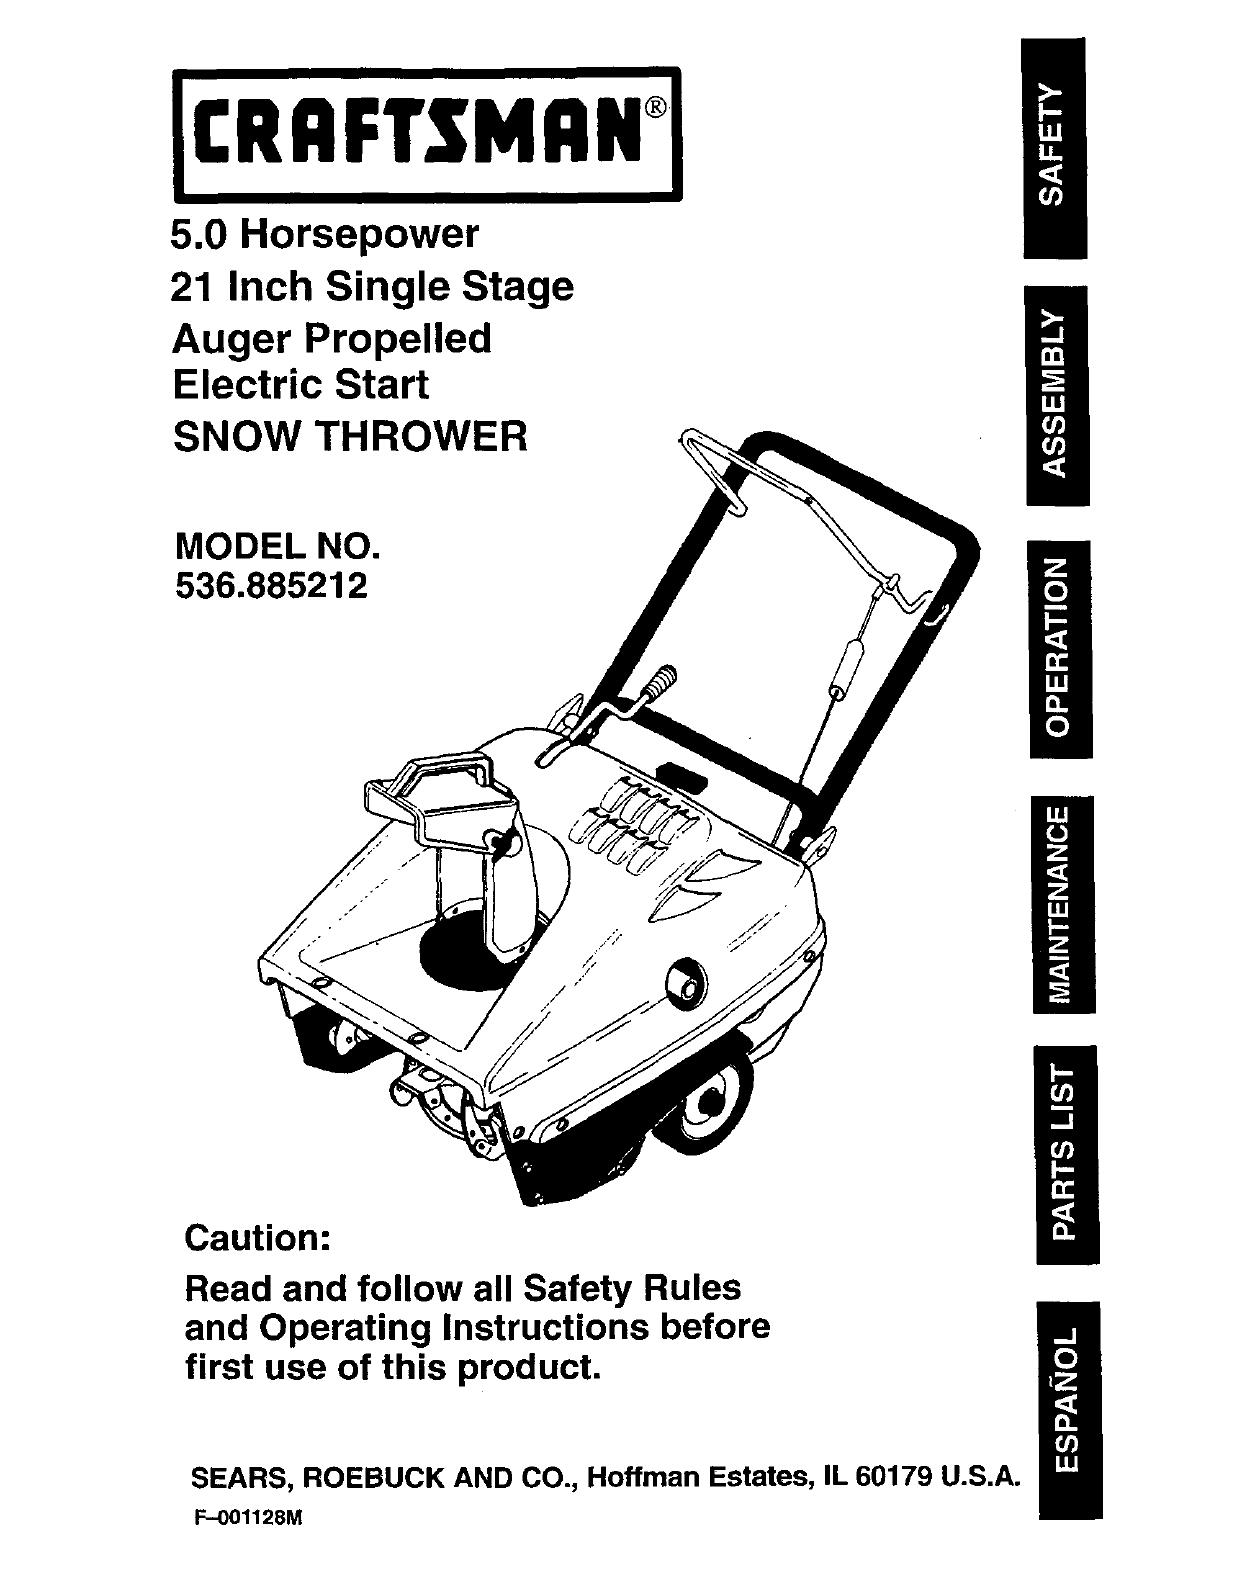 craftsman snowblower repair manual